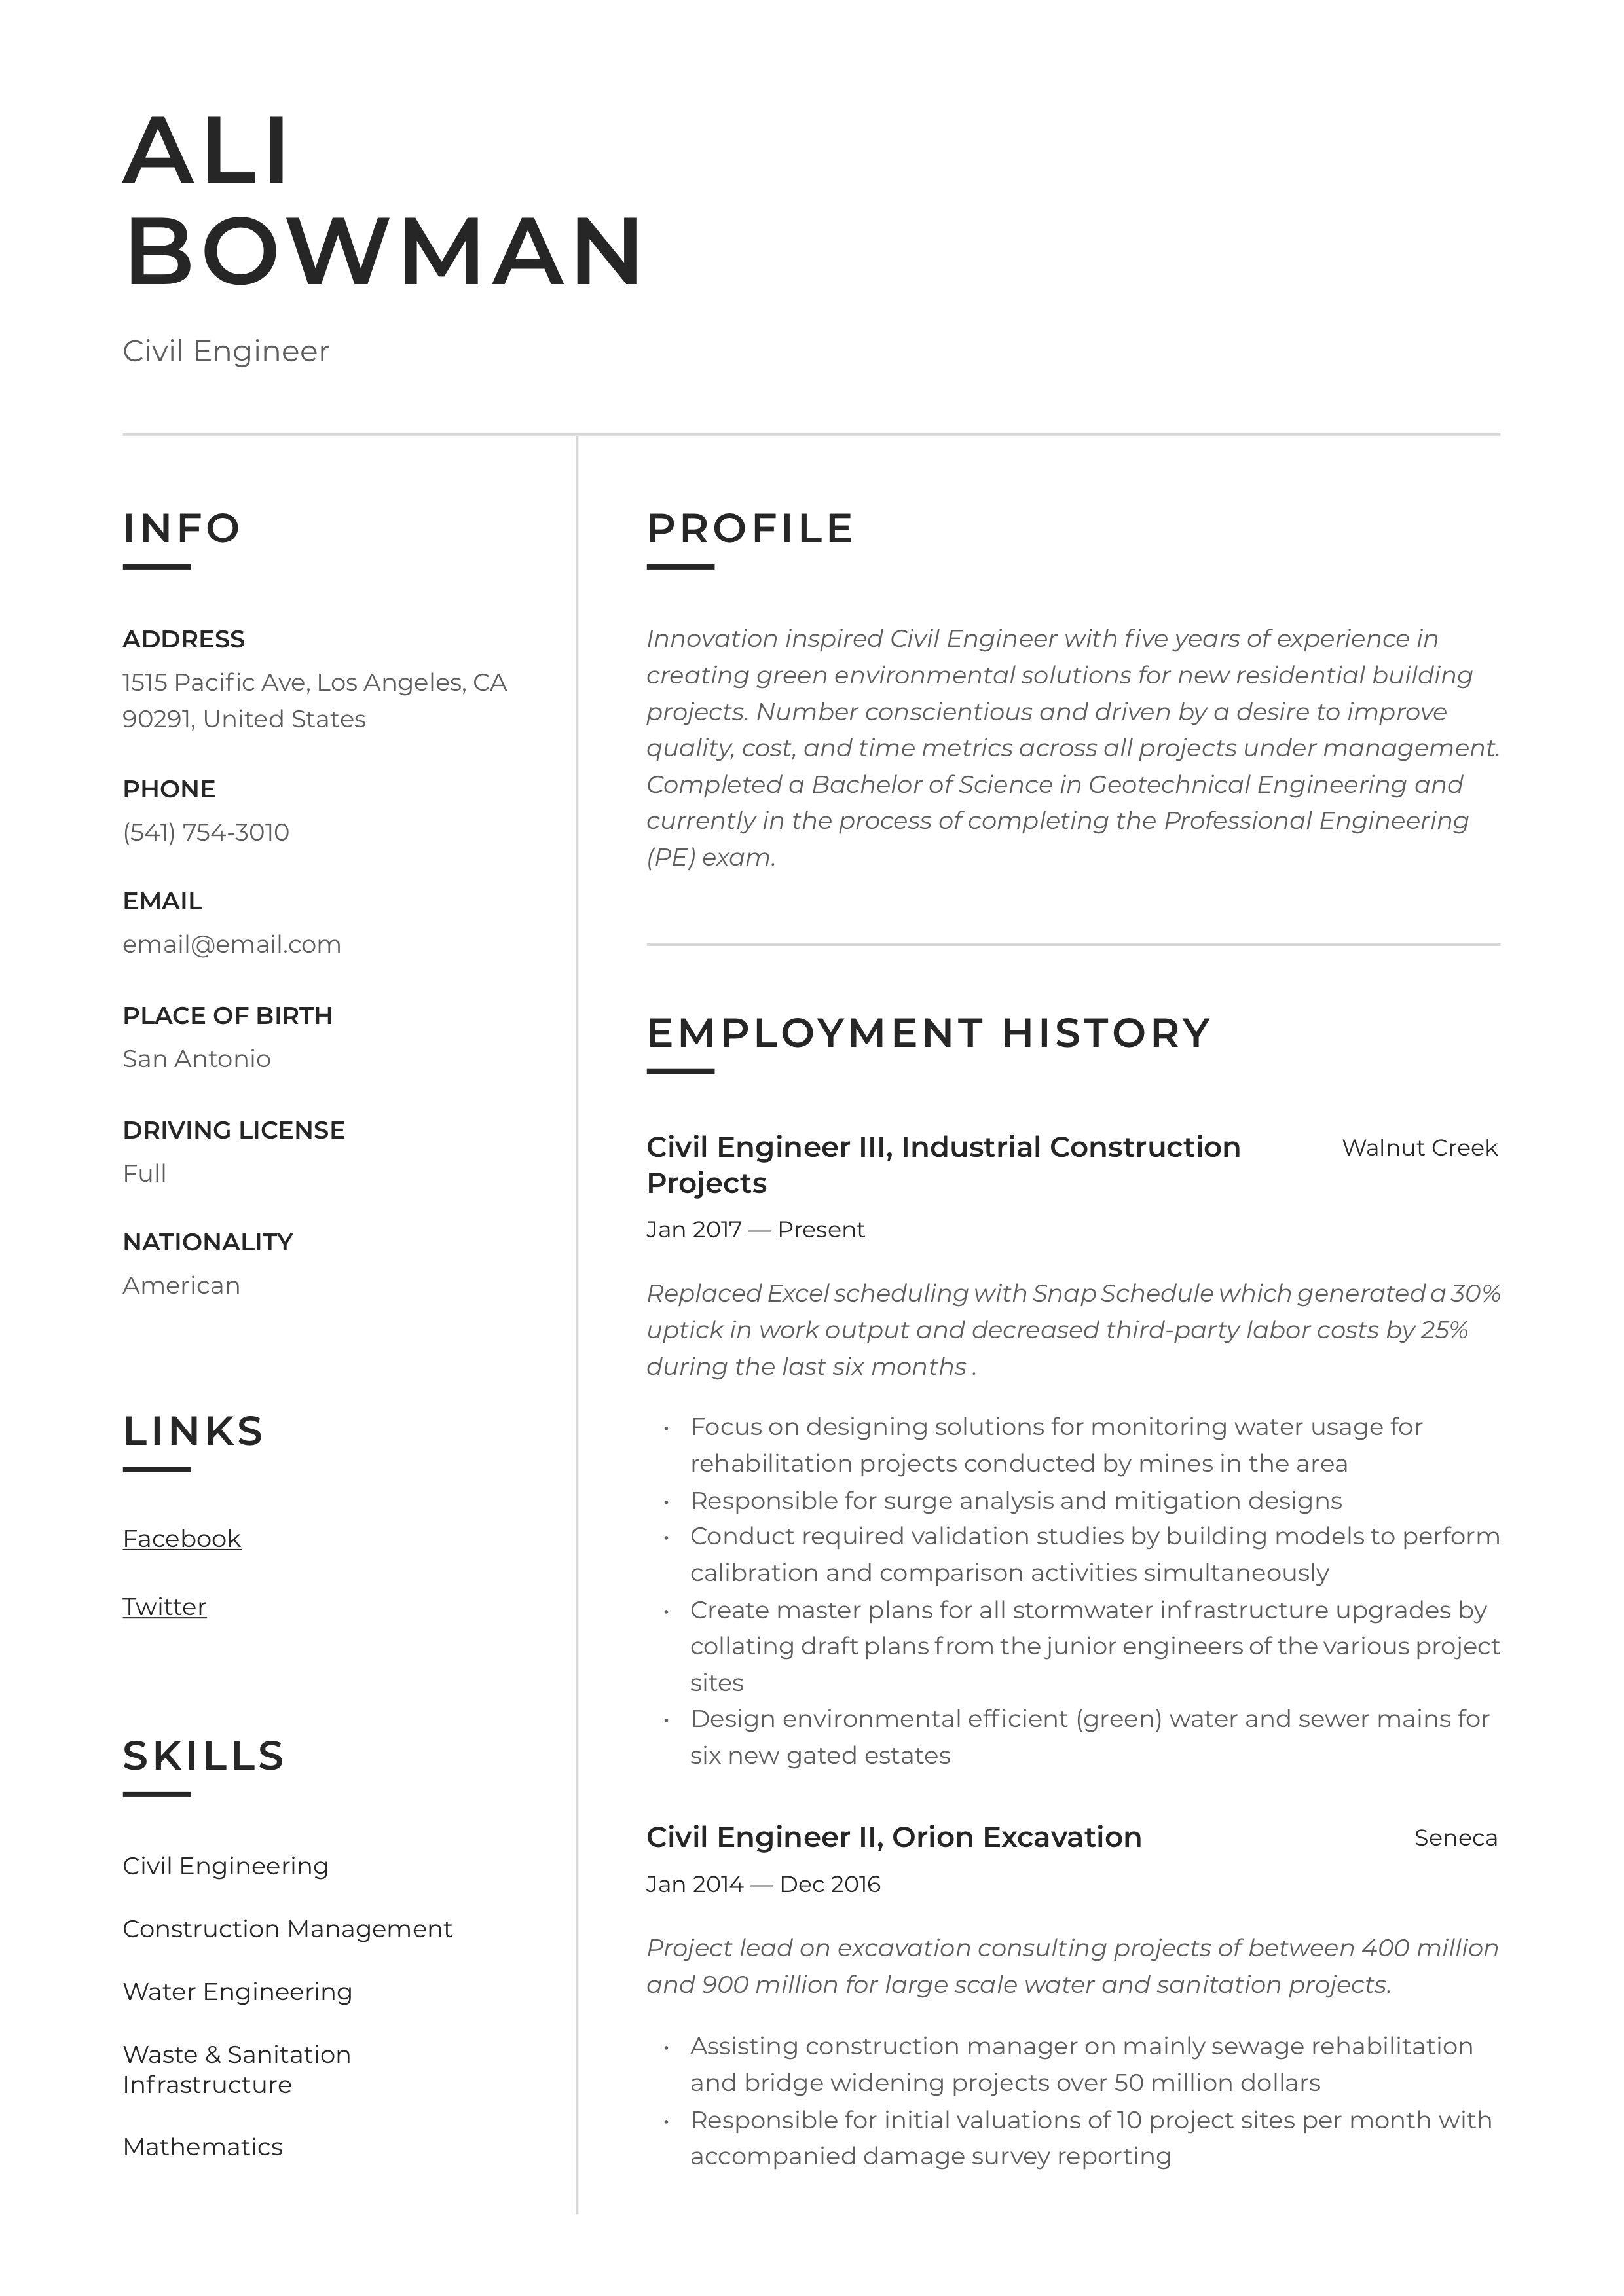 Civil engineer resume sample in 2020 civil engineer